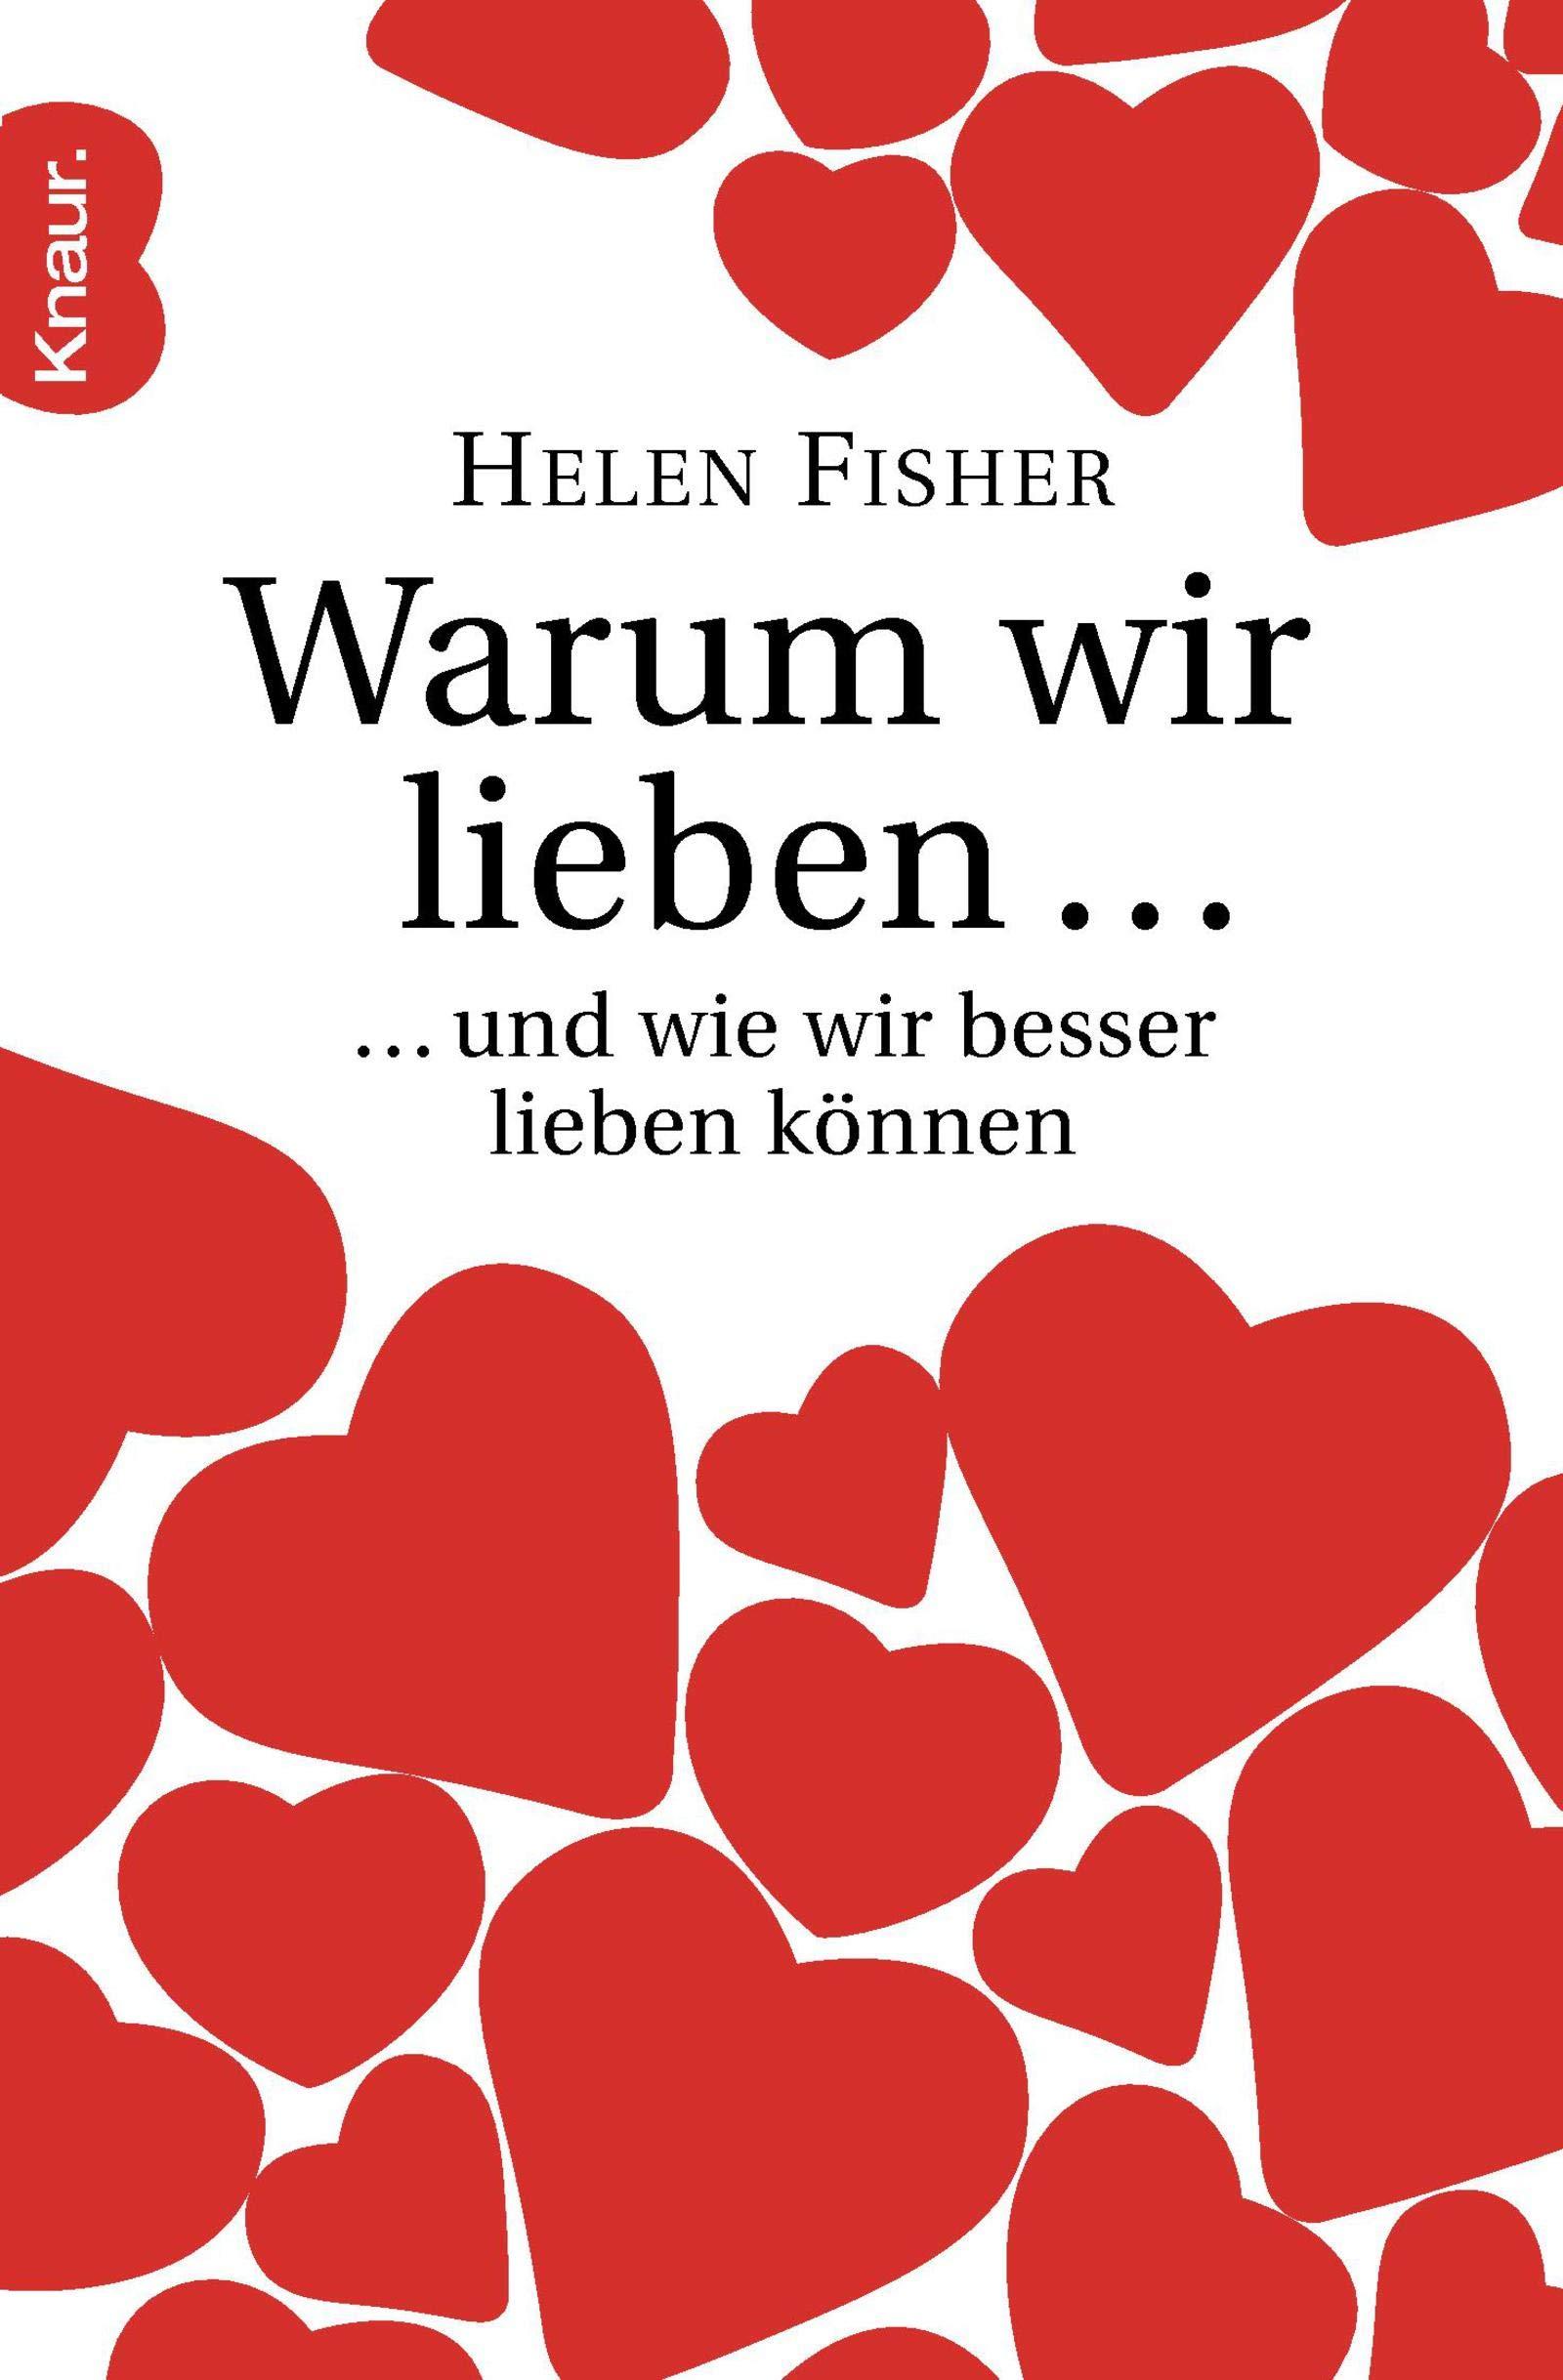 Helen Fisher Warum wir lieben